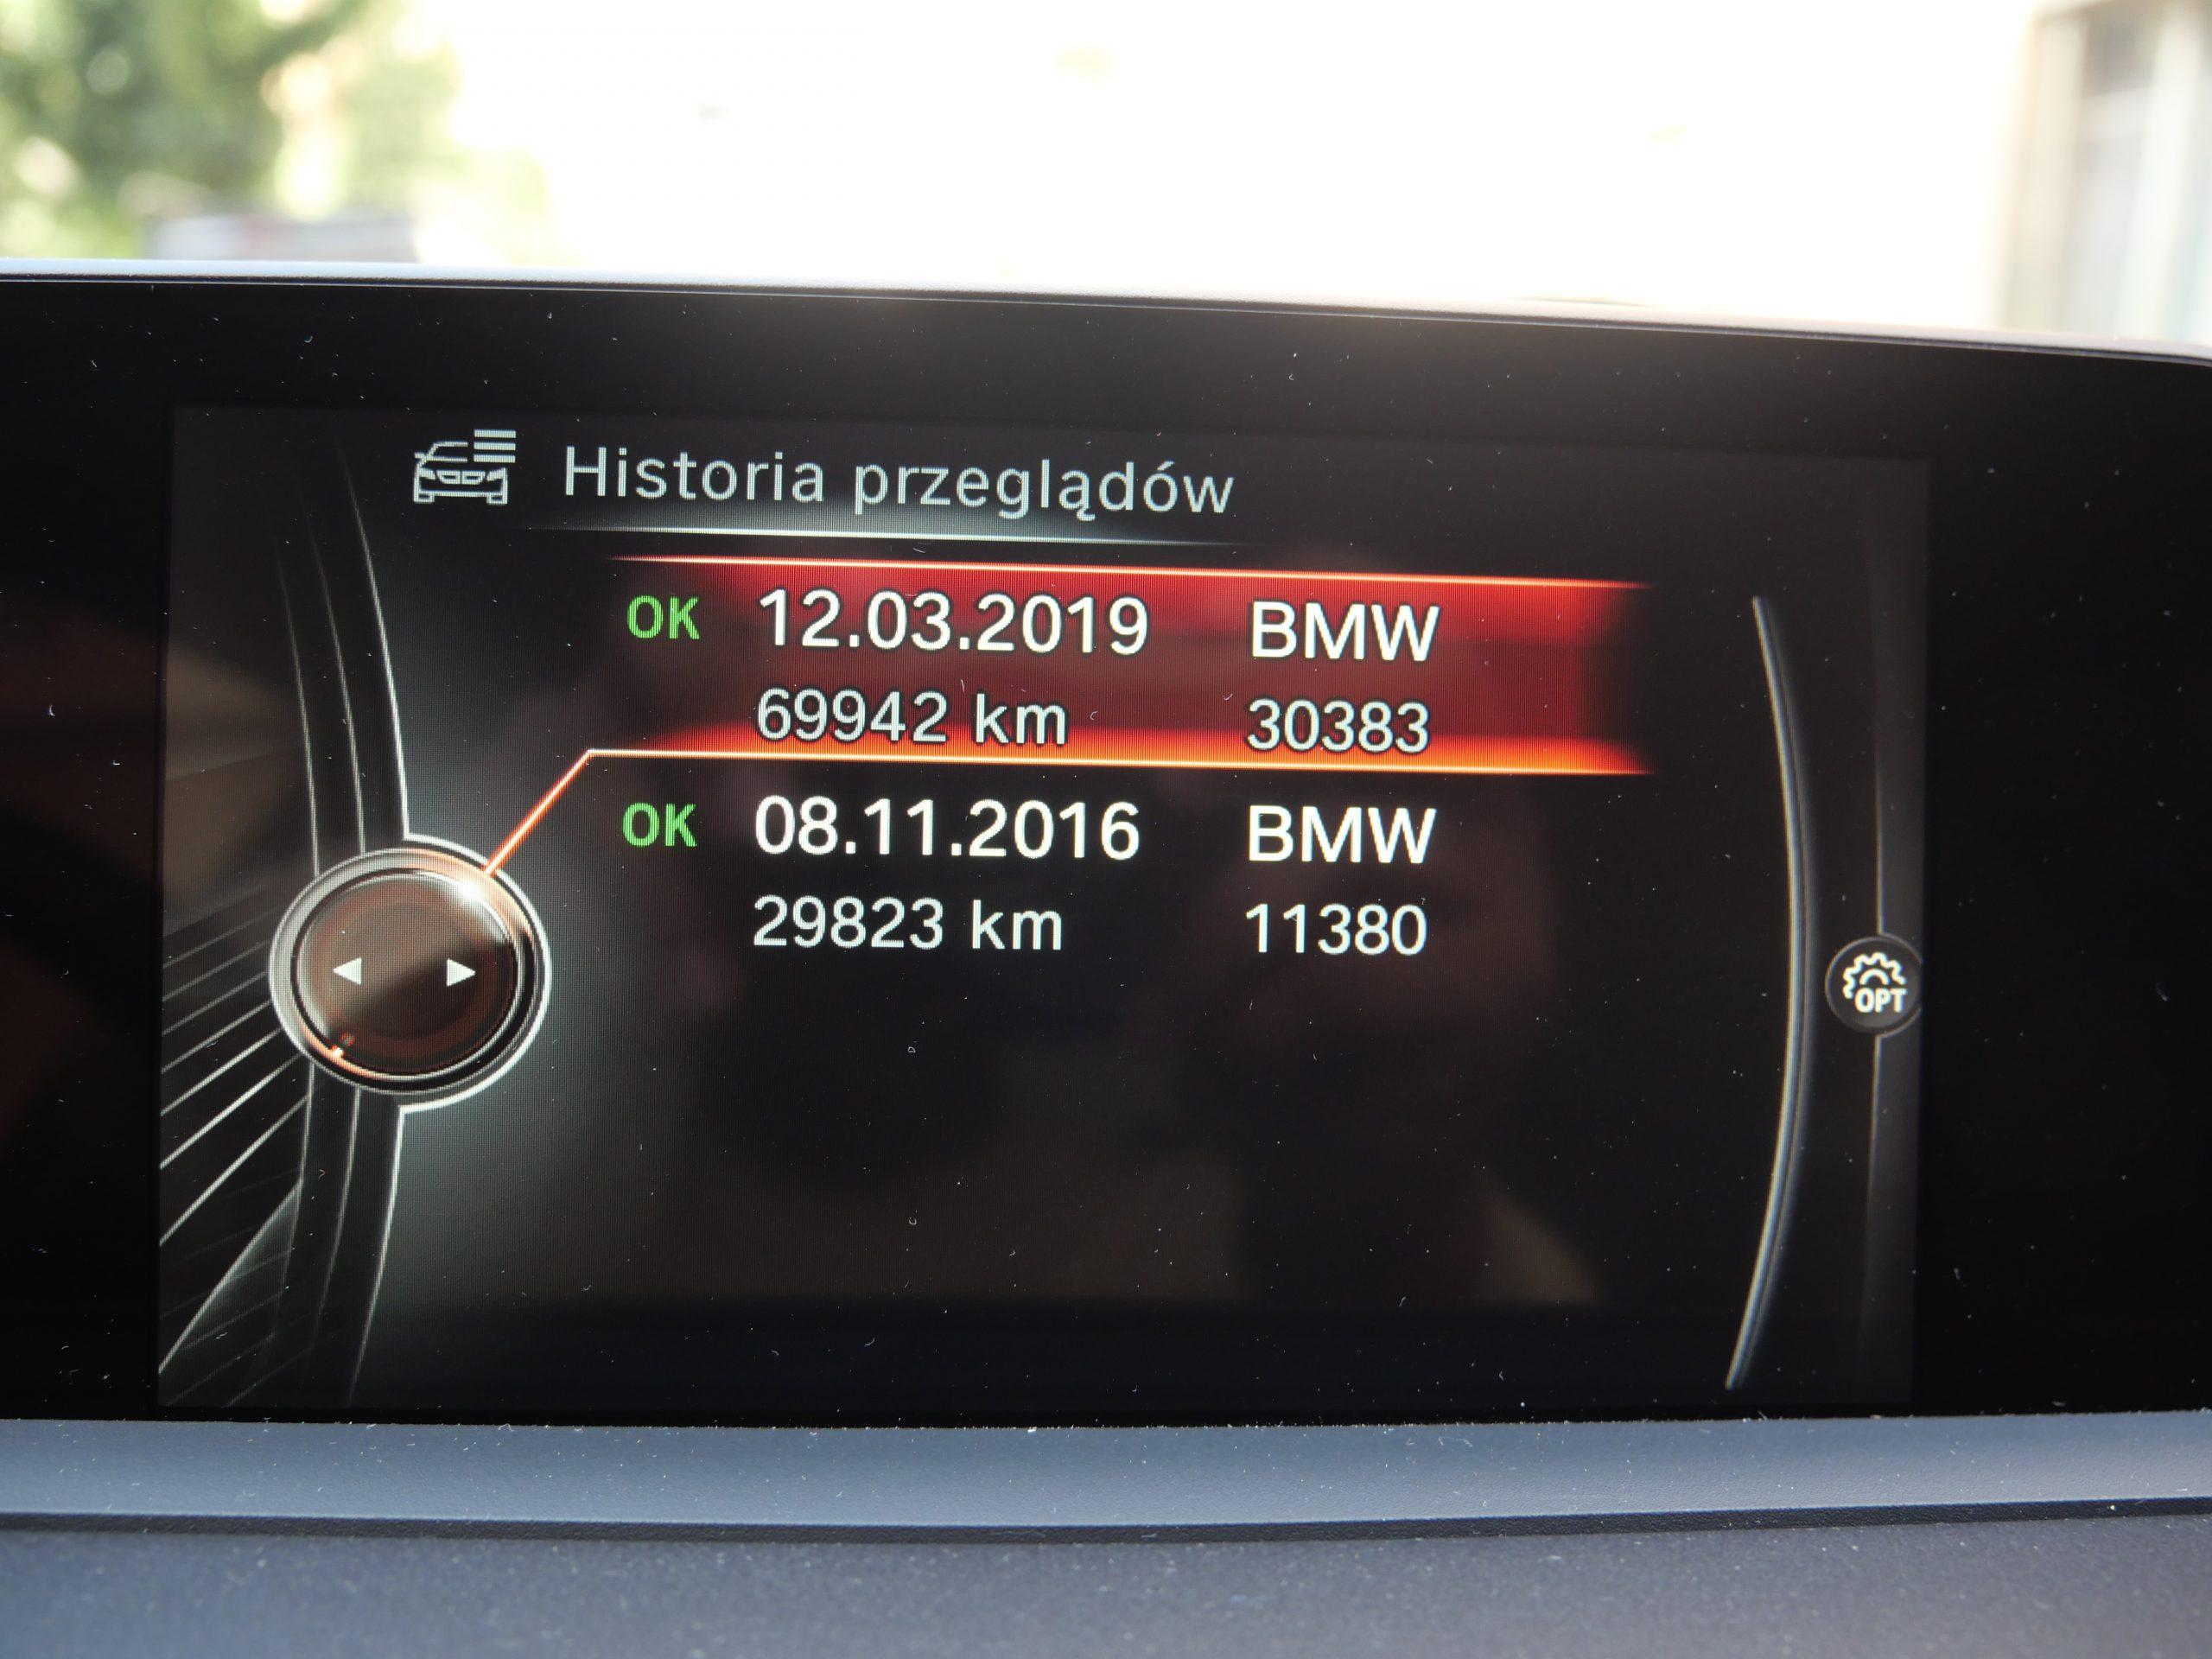 BMW Série 1 (F20) XDrive LCI 120d 2.0 d 190ch 16